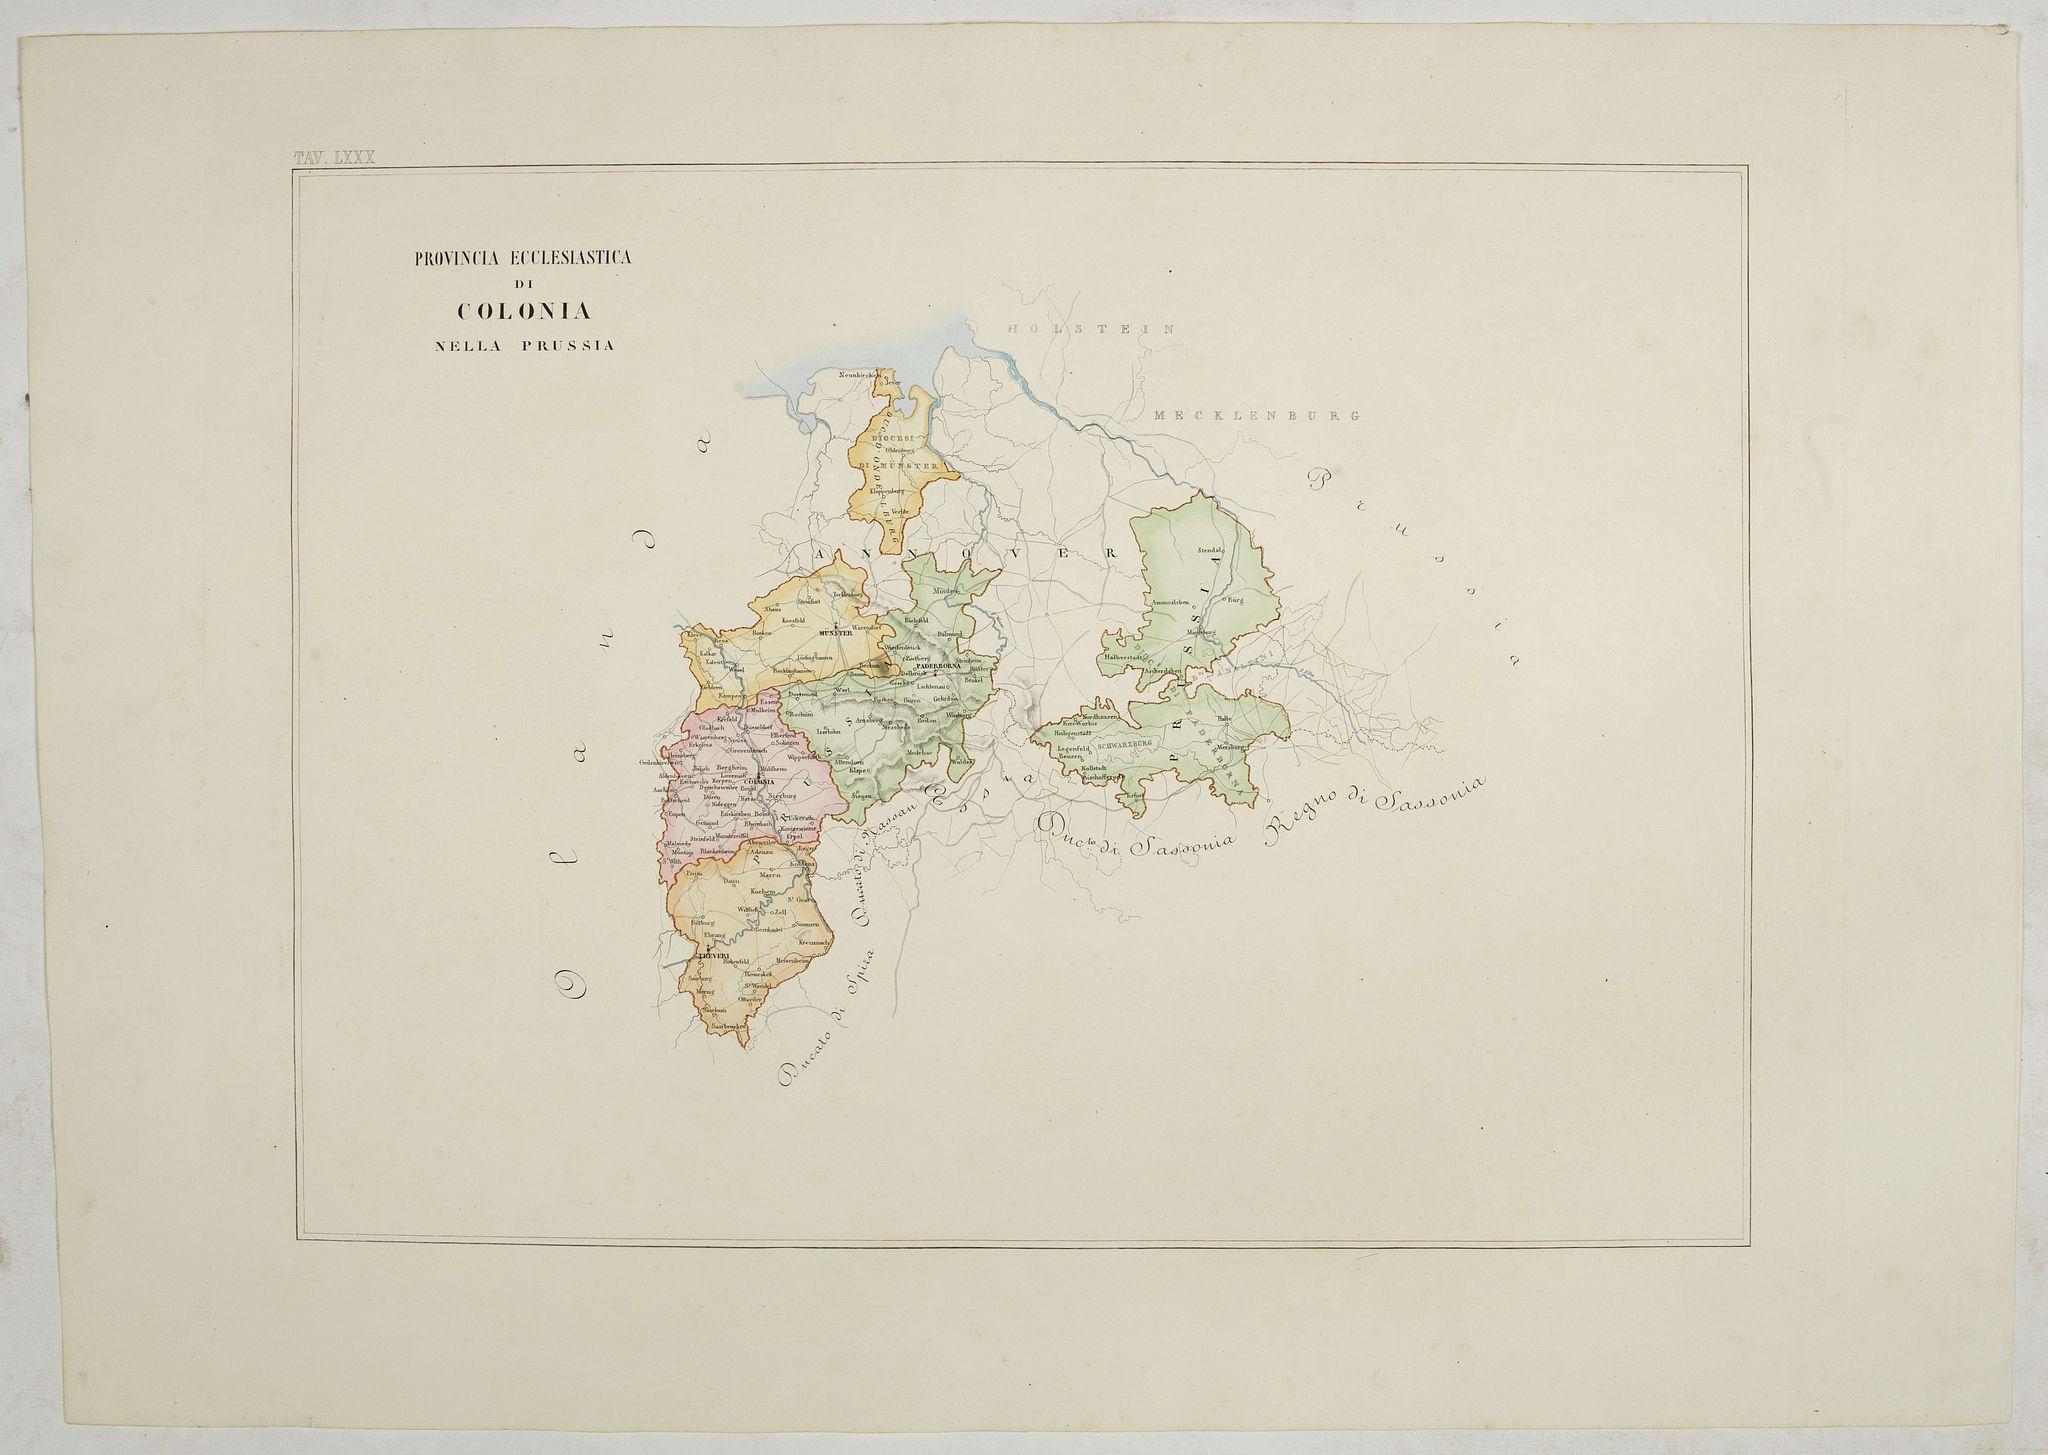 PETRI  Girolamo -  Provincia ecclesiastica di Colonia nella Prussia (Tav LXXX)